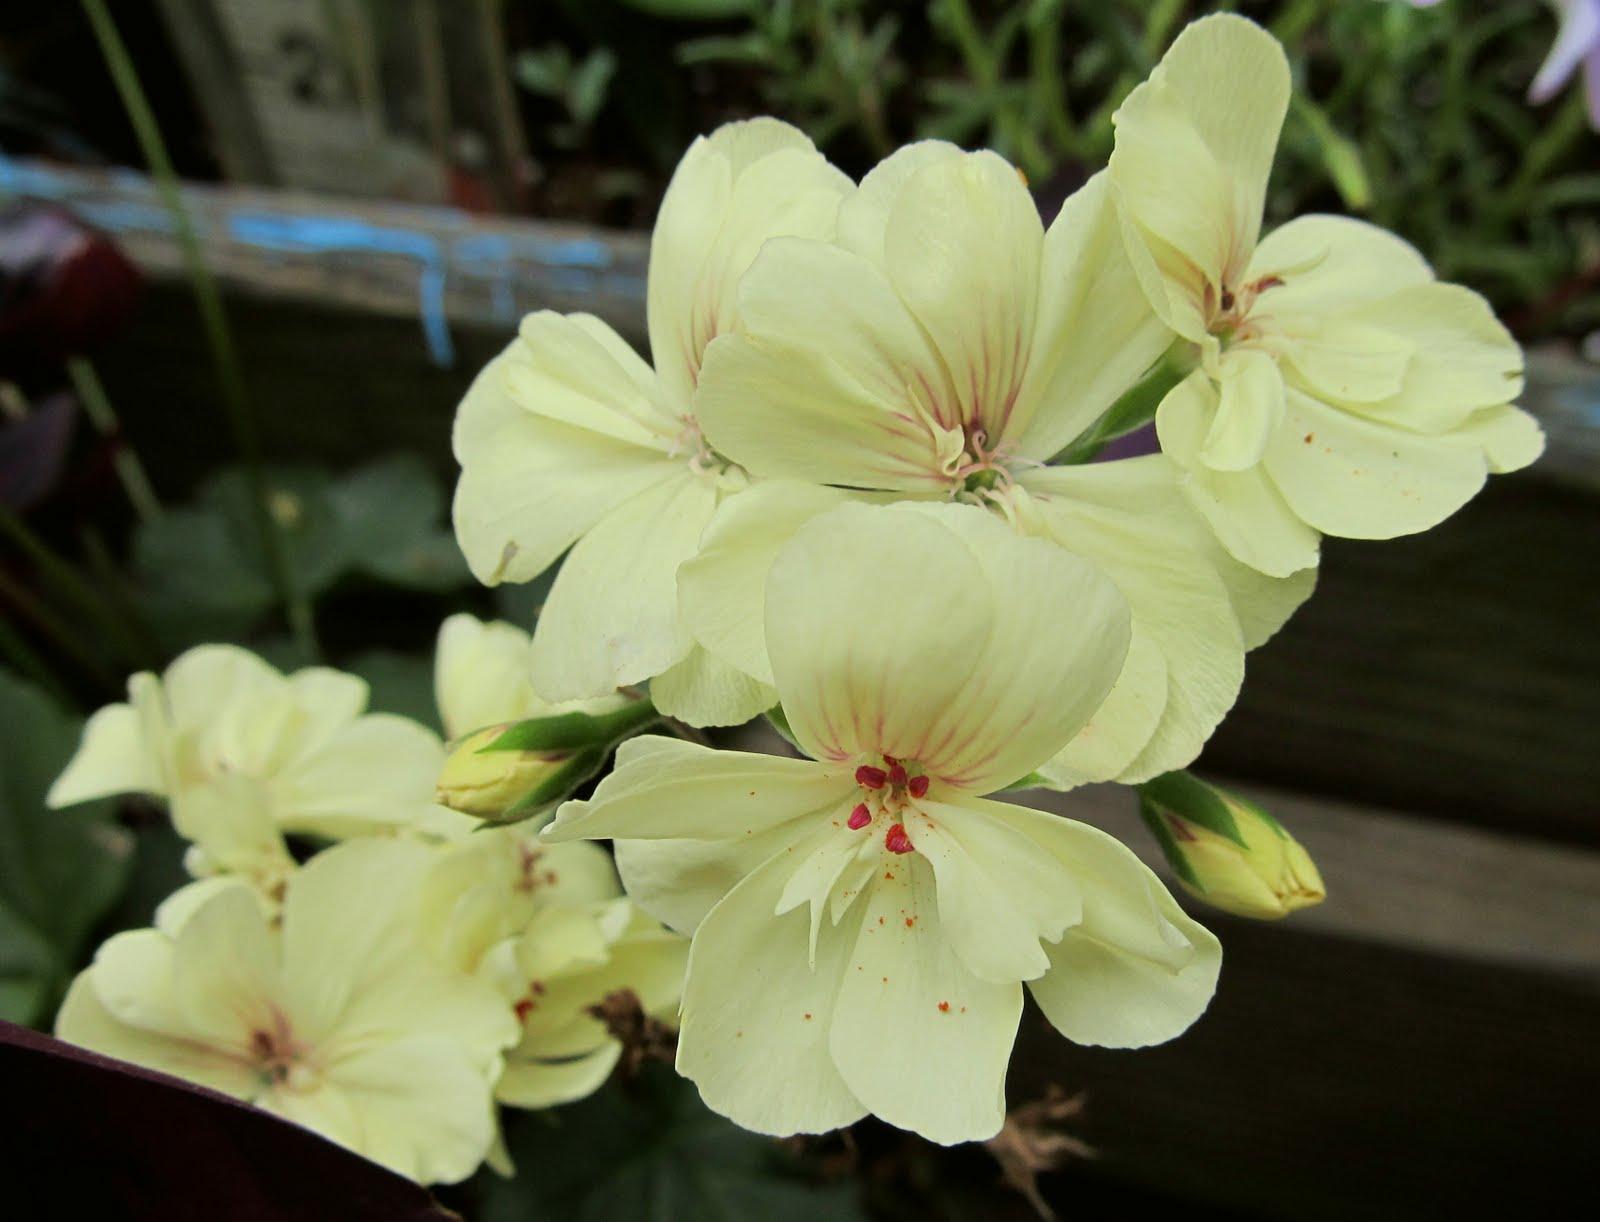 Geranium First Yellowg